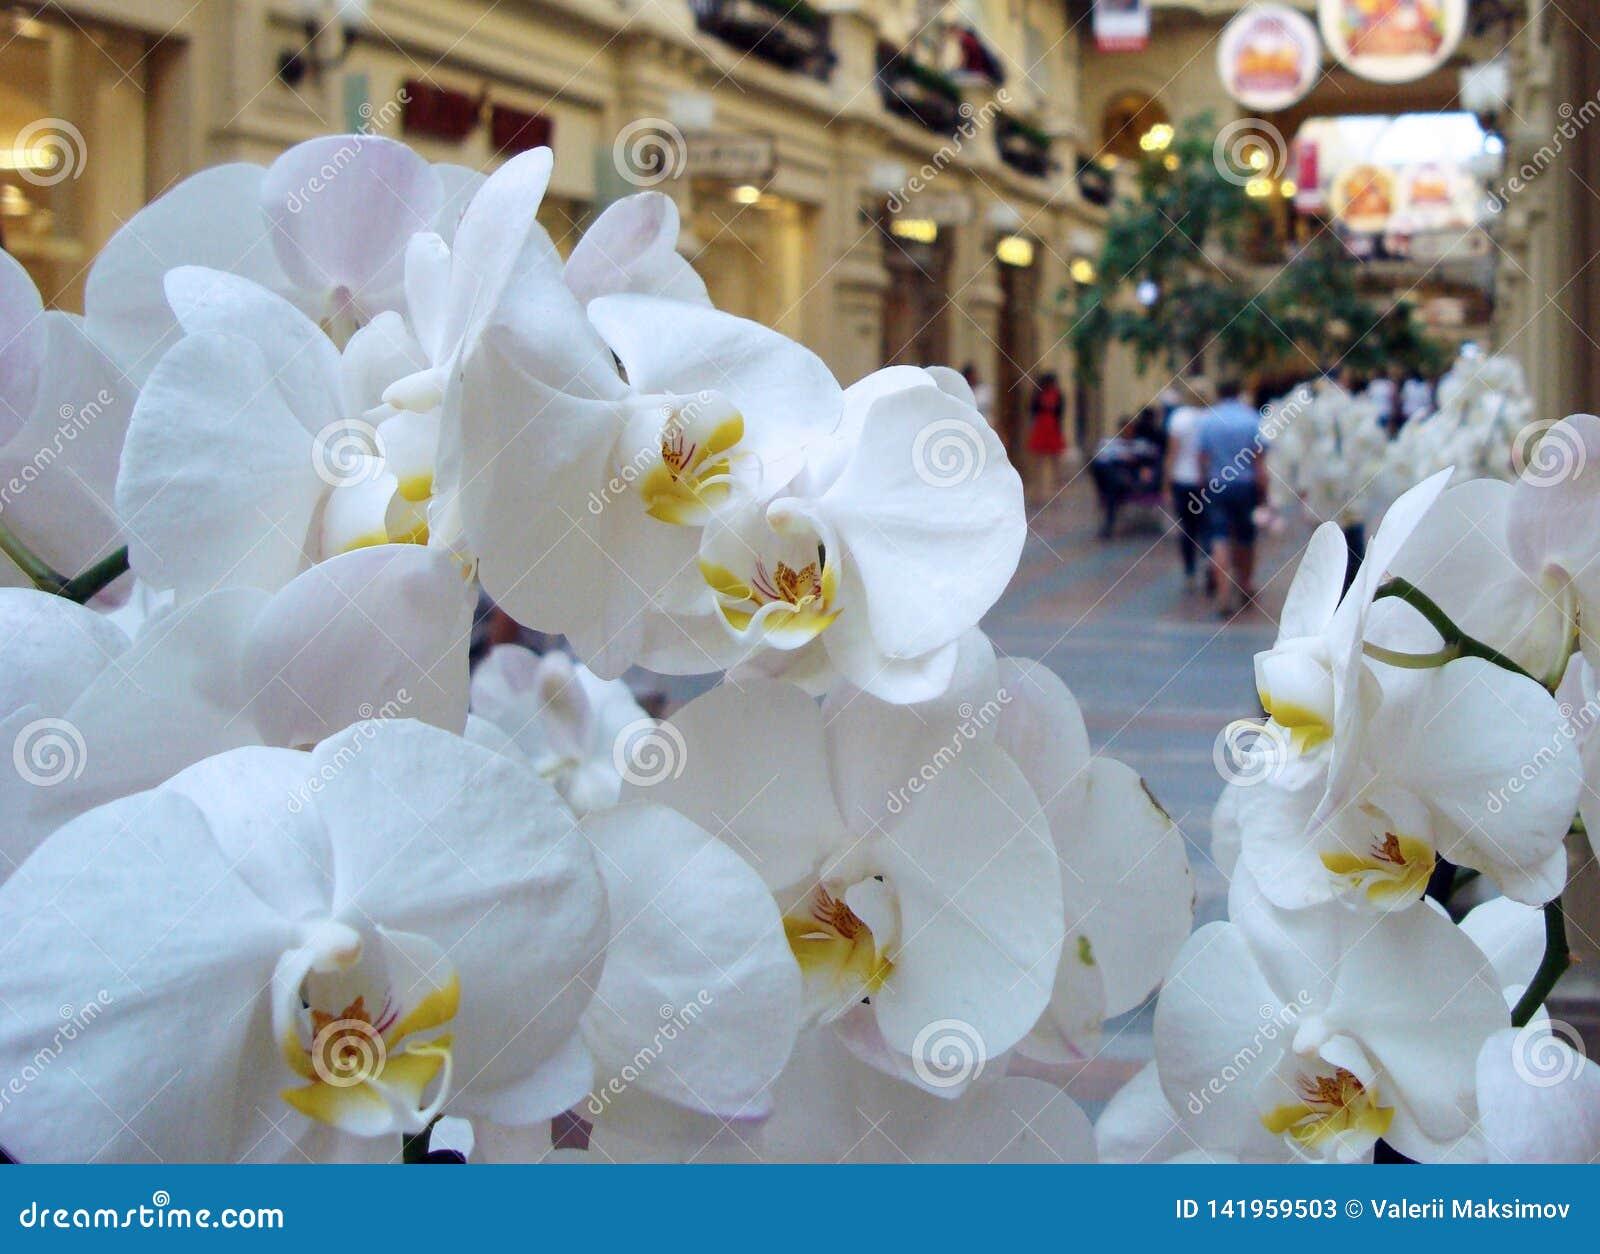 Άσπρα λουλούδια ορχιδεών στο υπόβαθρο ενός μεγάλου εμπορικού κέντρου